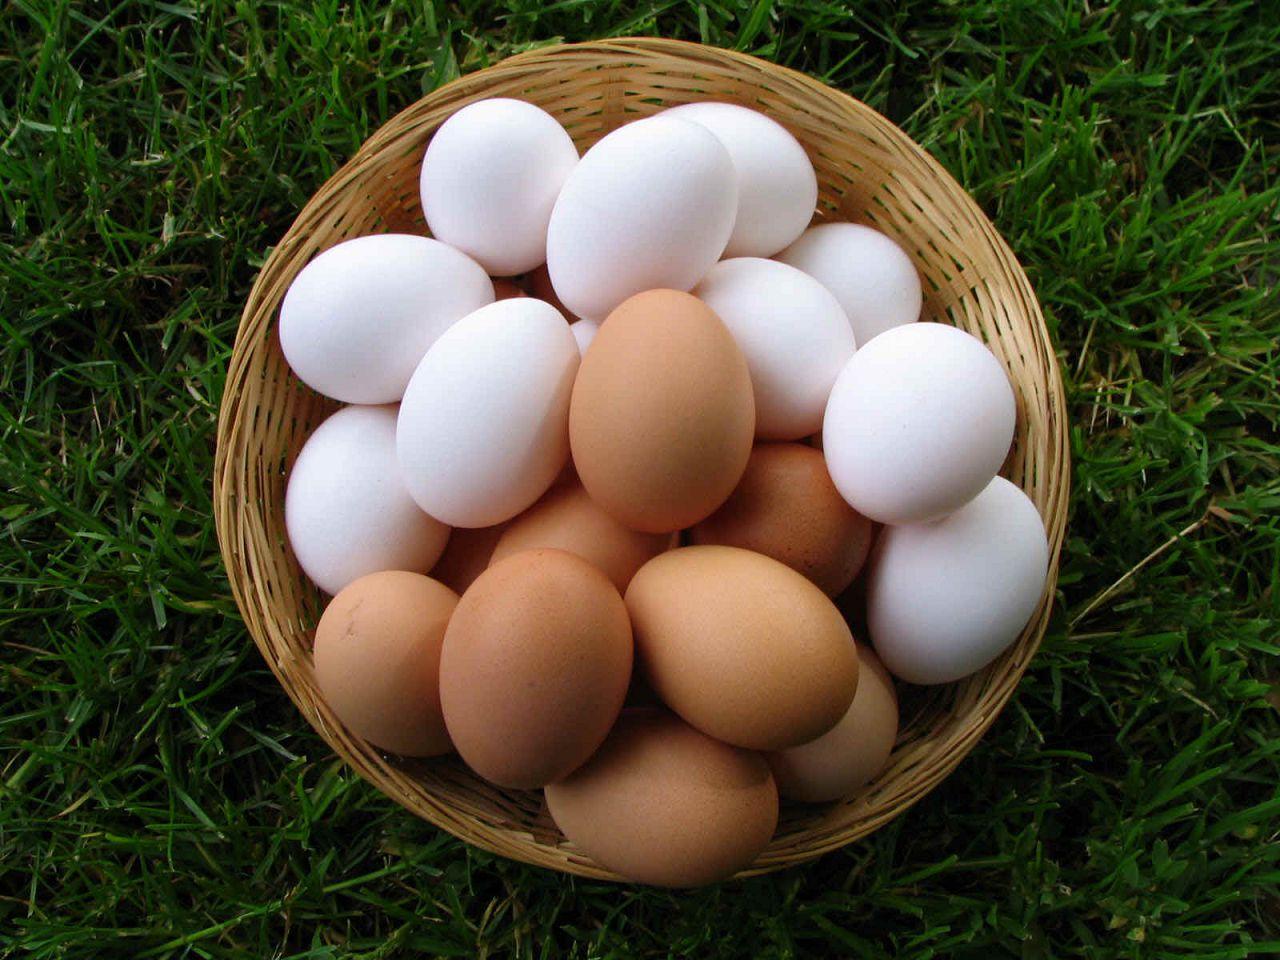 Если соблюдать все правила содержания кур Редбро, они порадуют вас вкусными яйцами и высокой производительностью